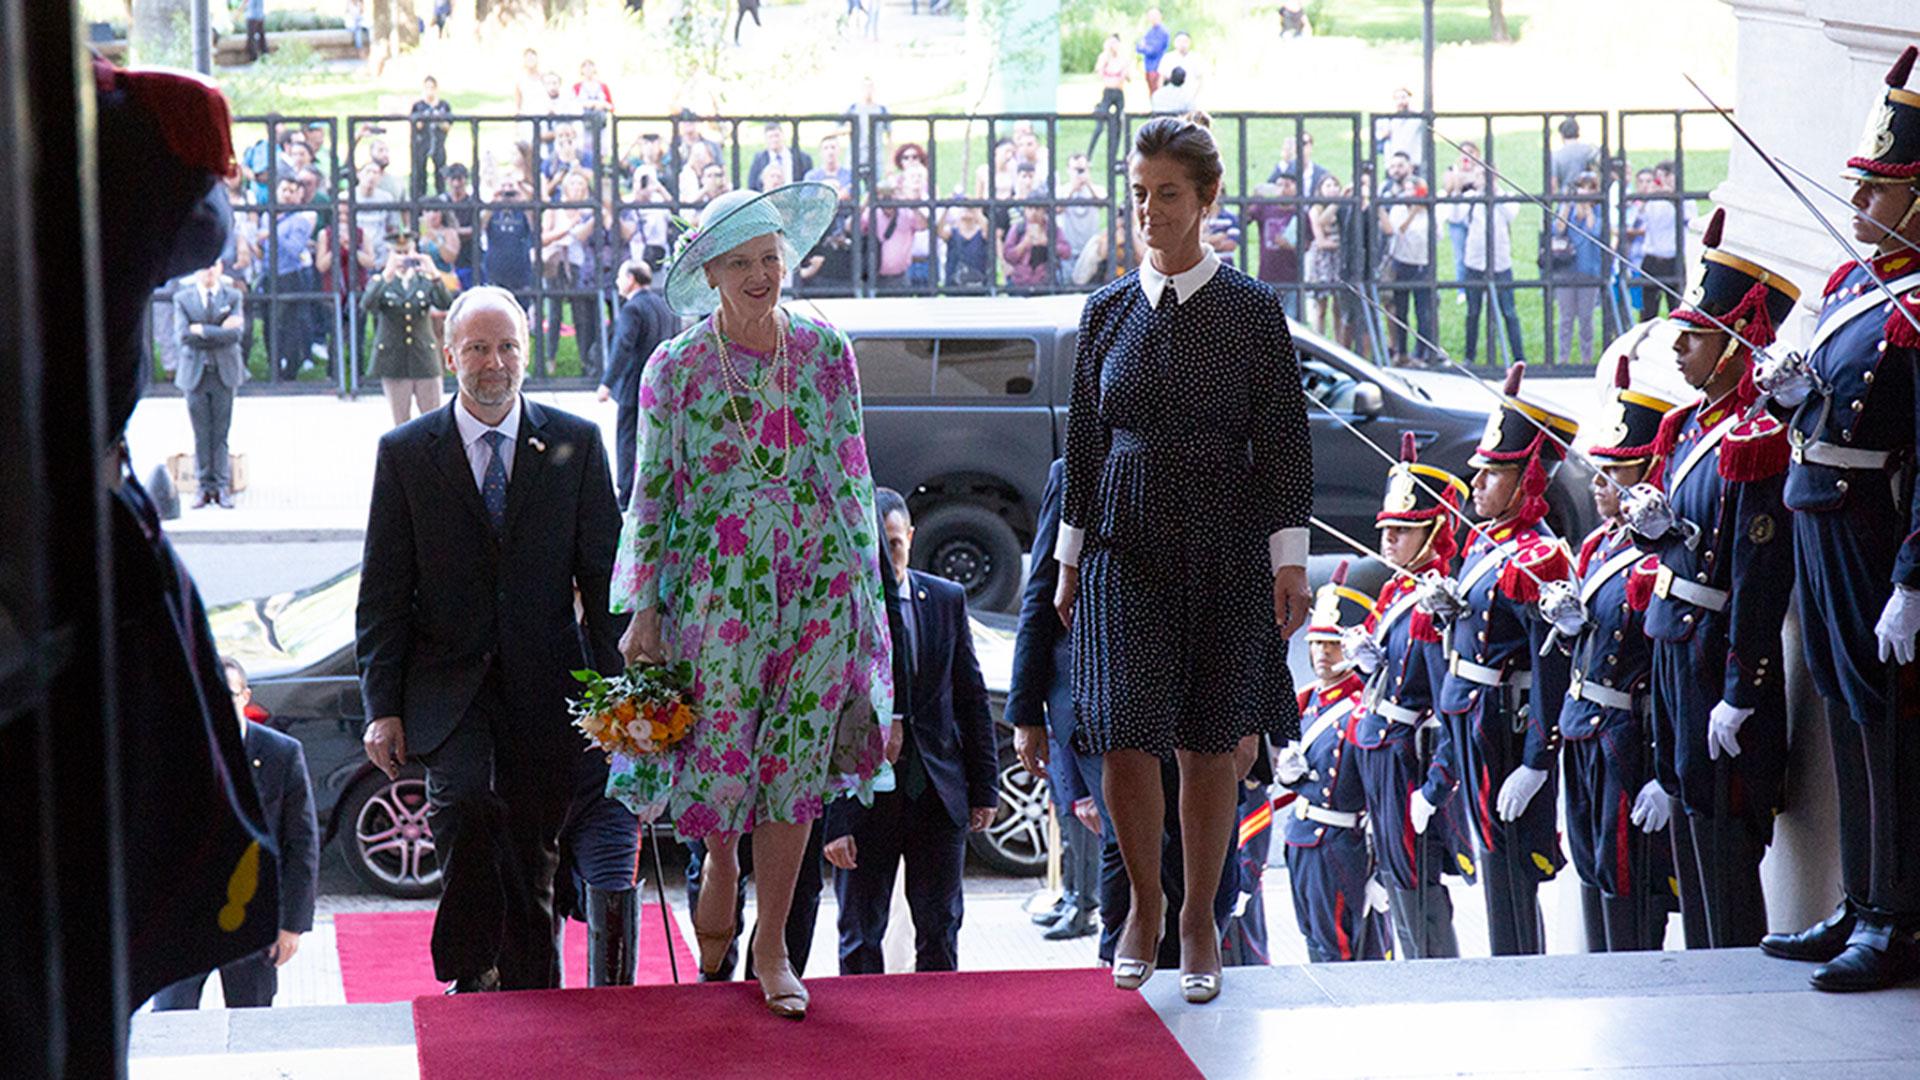 Más tarde, el presidente argentino, Mauricio Macri, junto a Juliana Awada la recibieron en la Casa Rosada